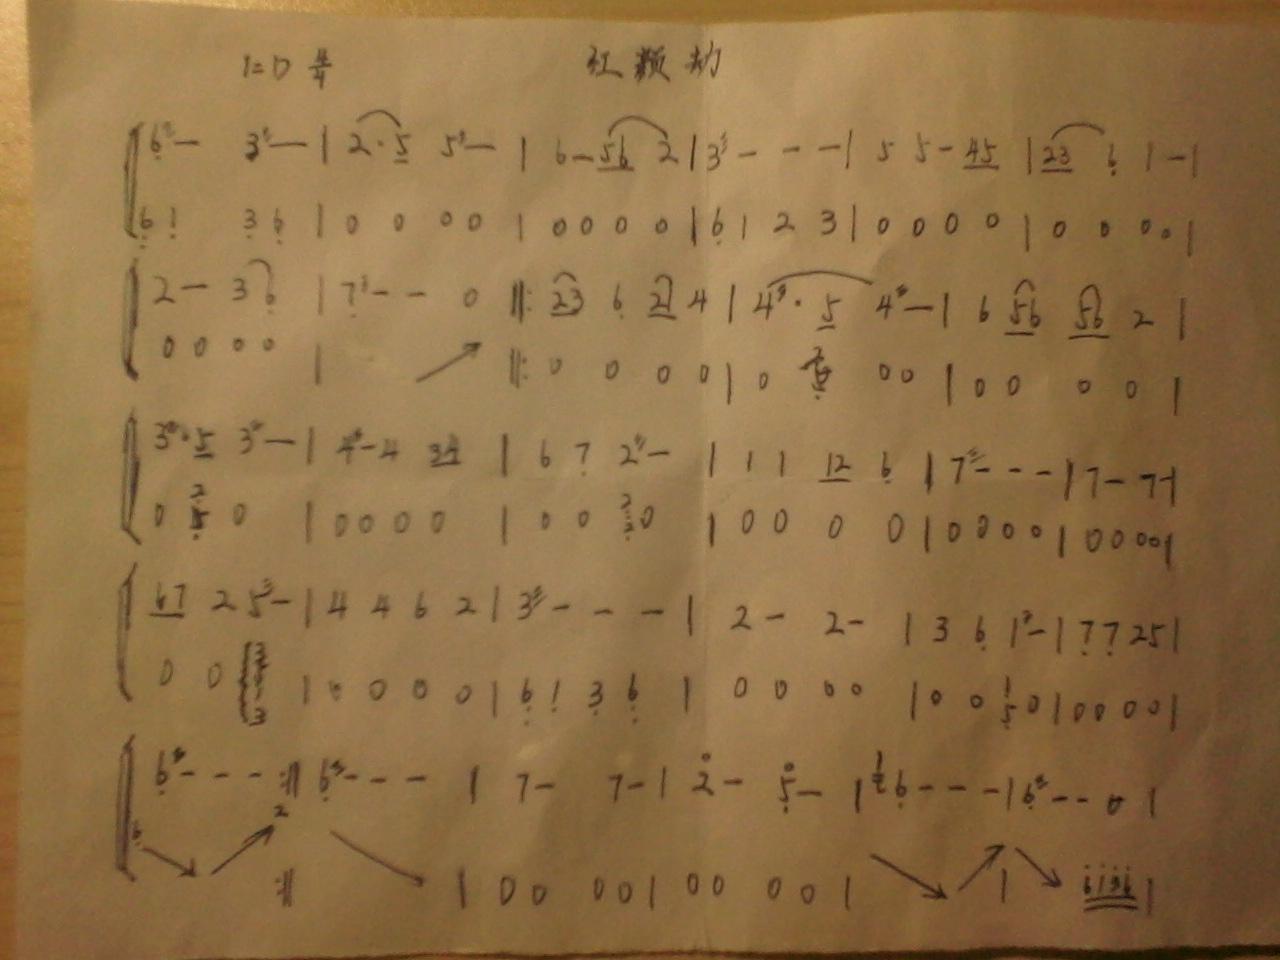 红颜绝曲谱 蝴蝶泉边葫芦丝曲谱 天空之城钢琴曲谱